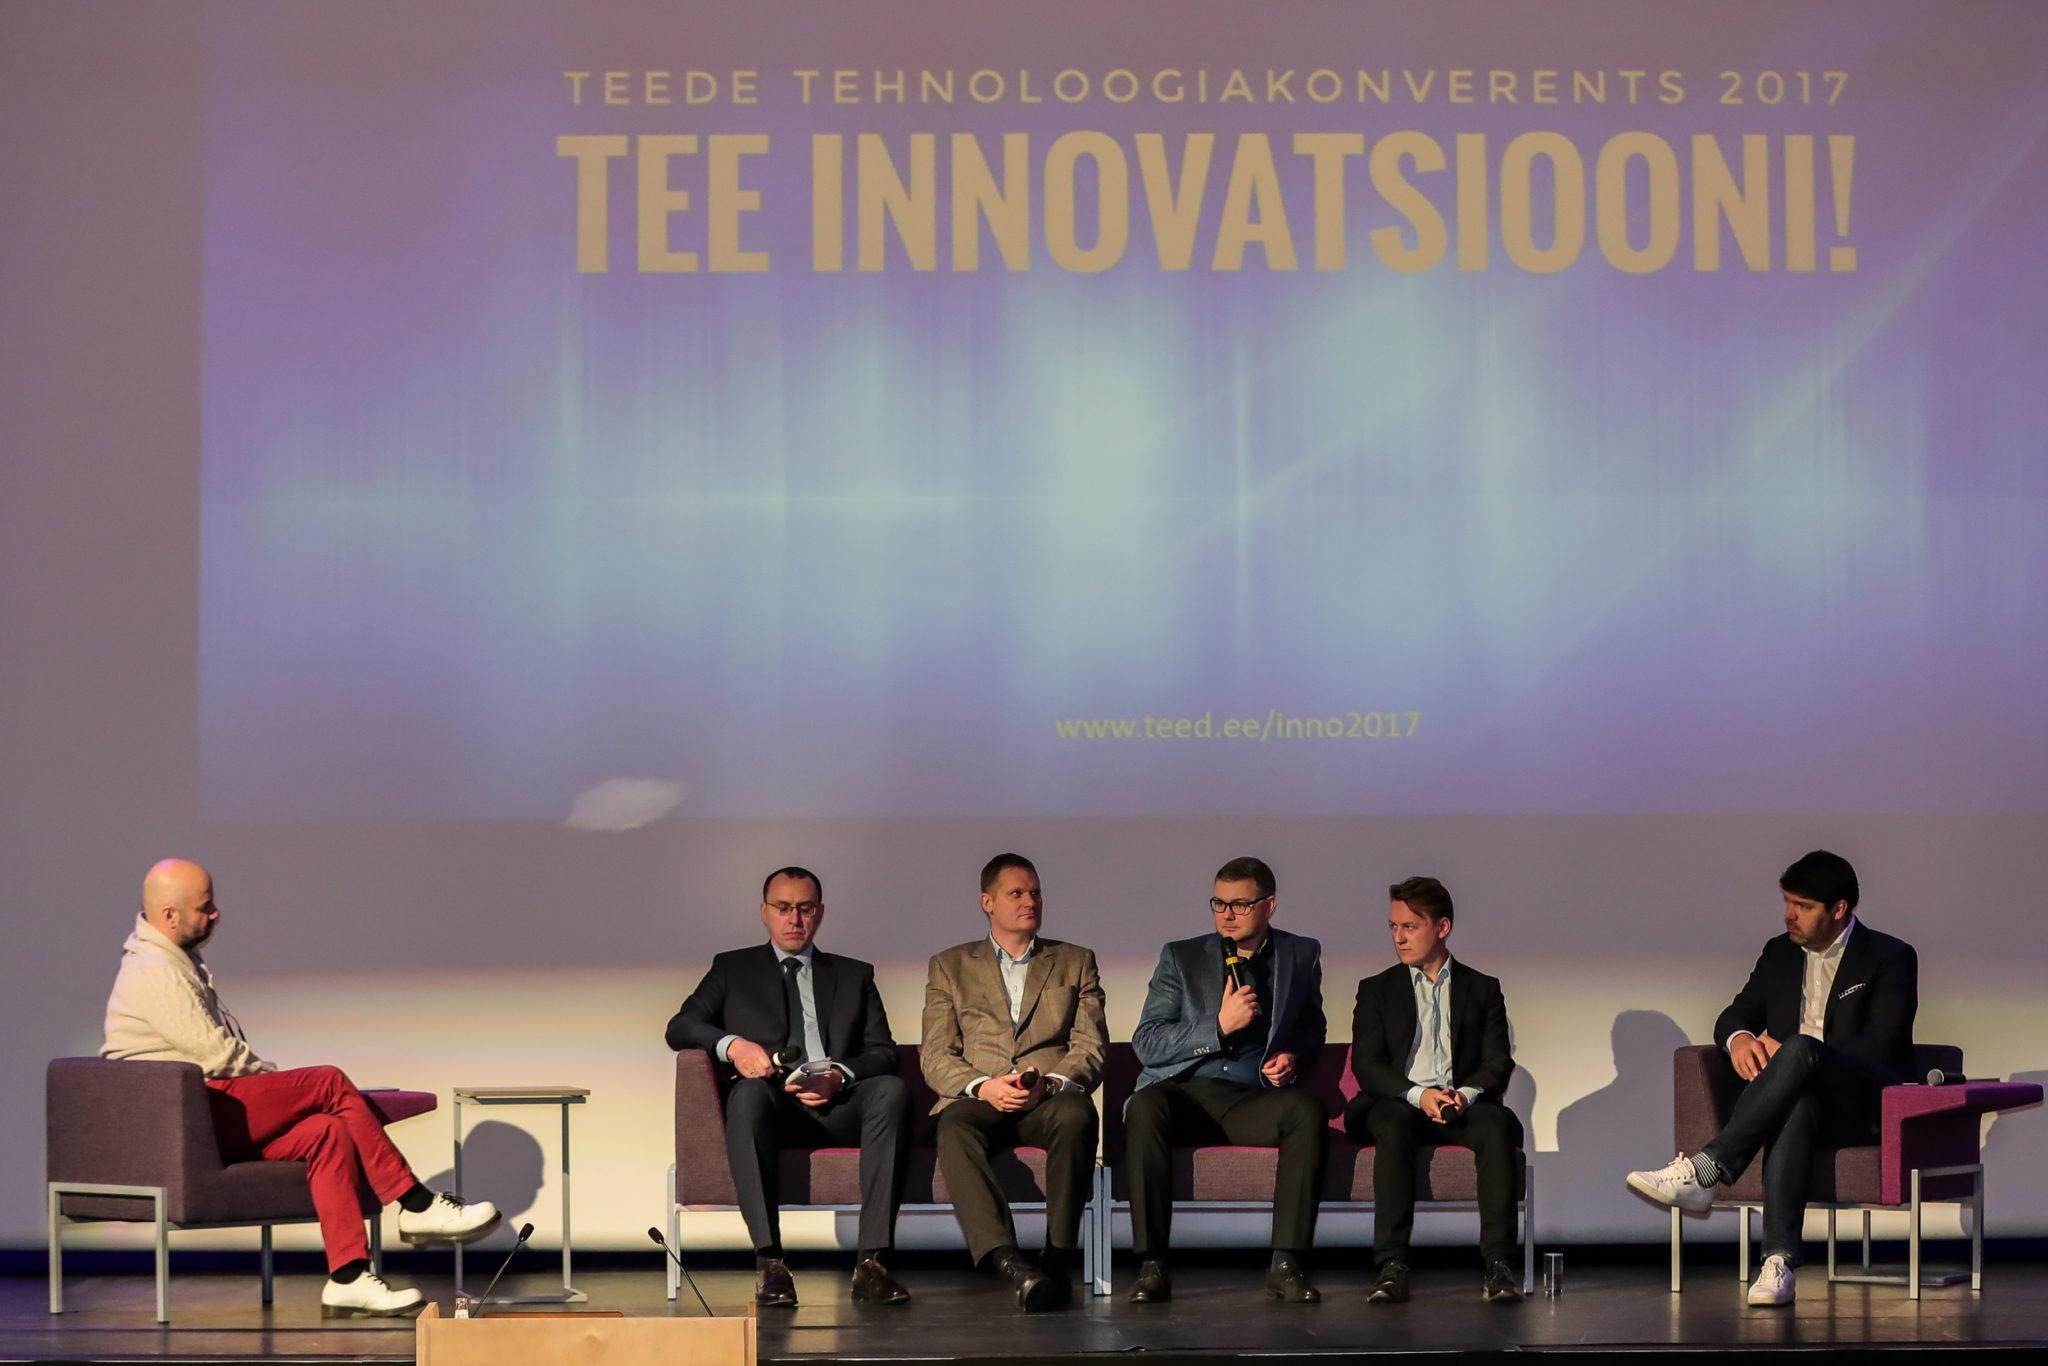 Teede tehnoloogiakonverentsi 2017 galerii ja ettekanded